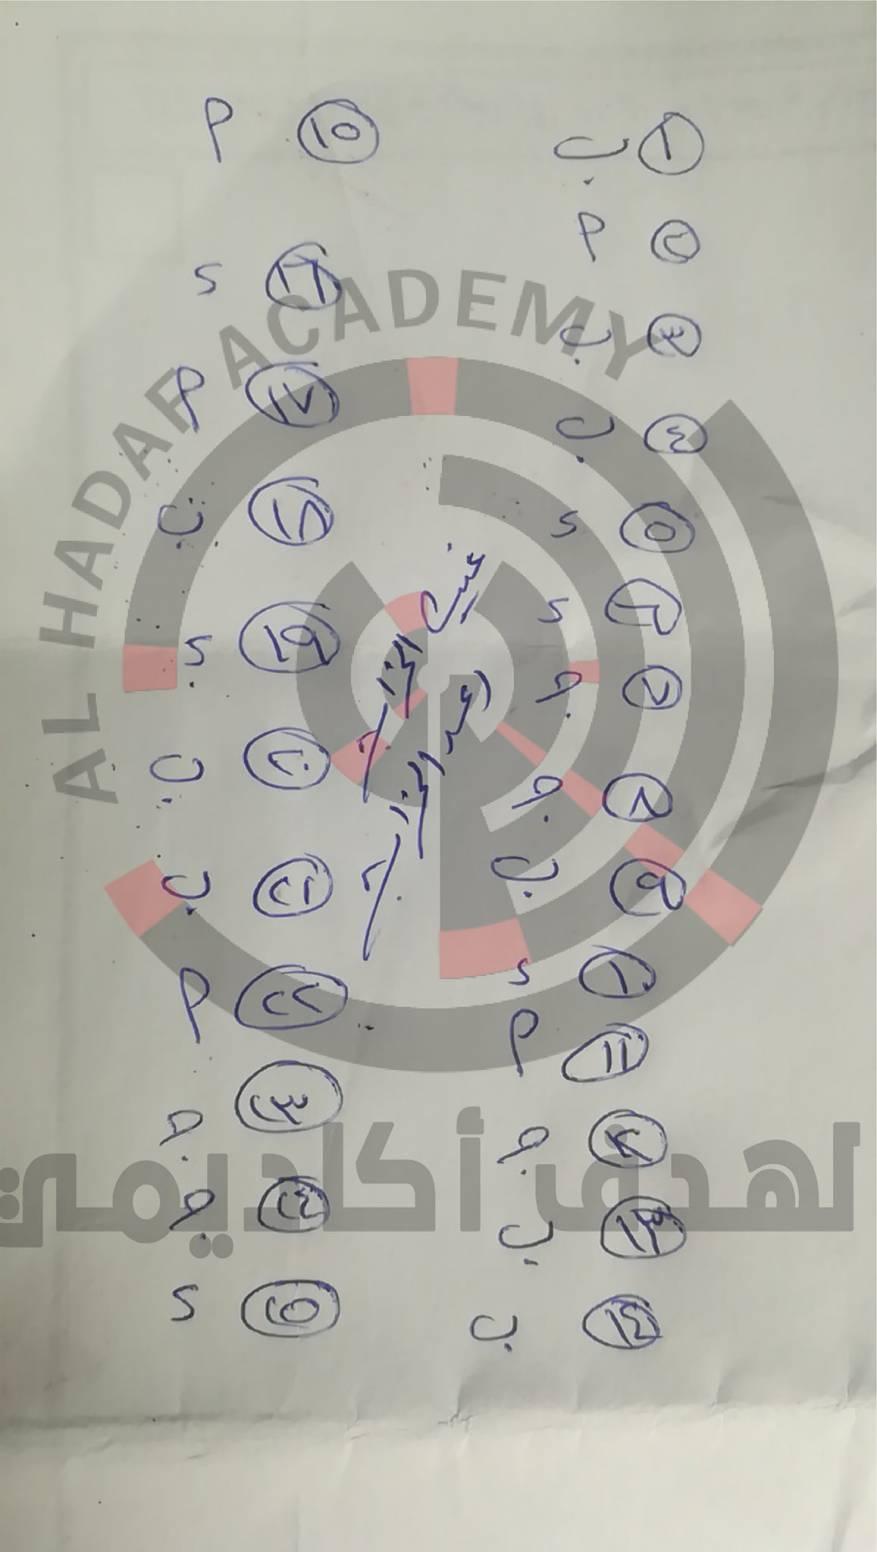 اجابة امتحان الرياضيات العلمي دراسات خاصة (3)